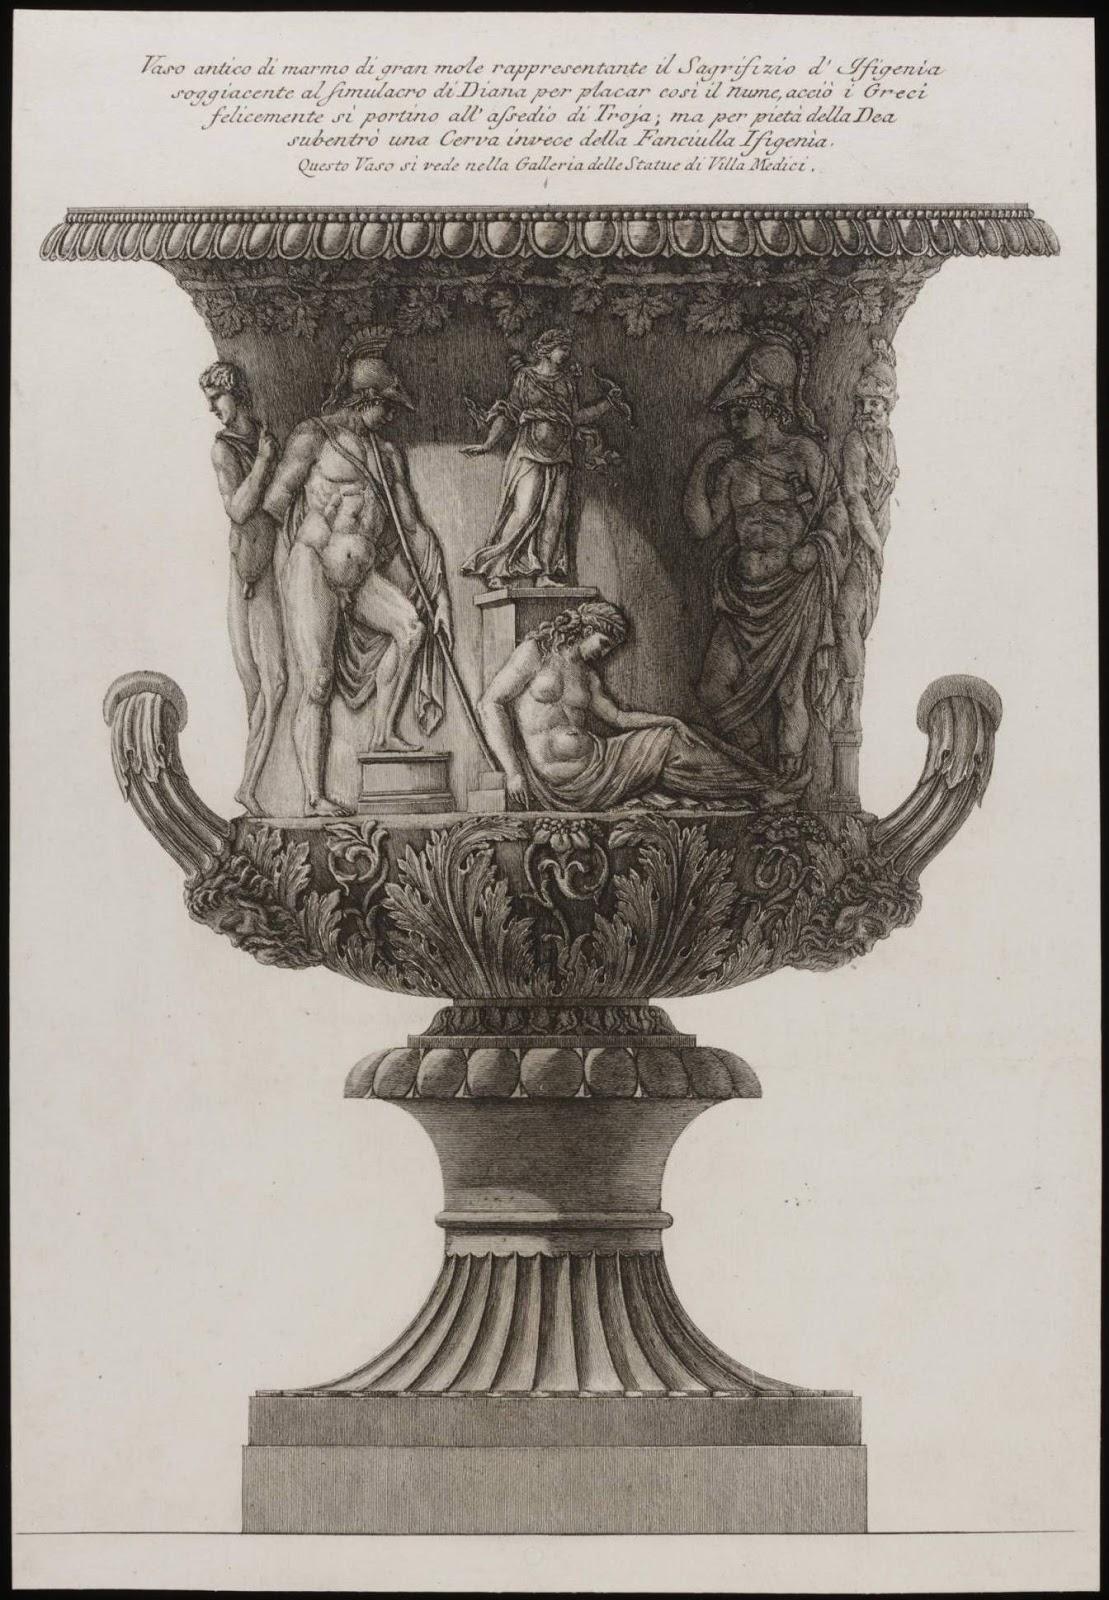 0Piranesi-Giovanni-Battista--Medici-Vase-1778-etching-V&A